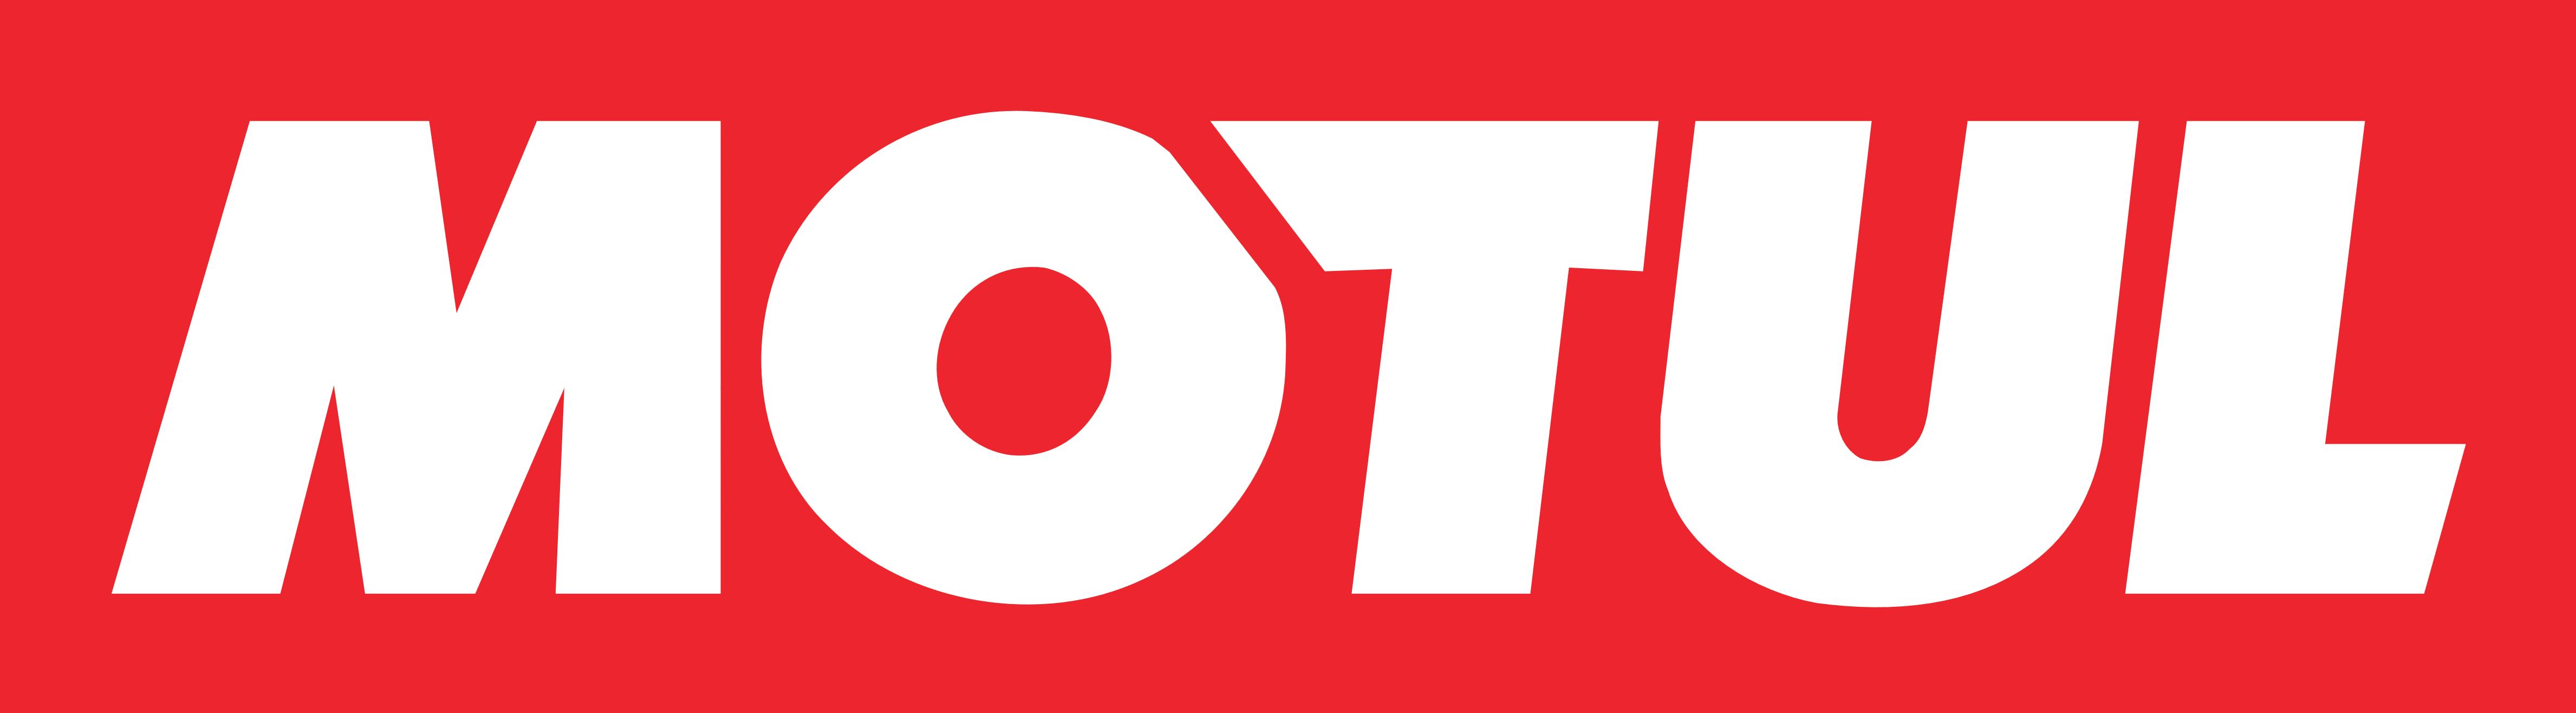 Márka logó